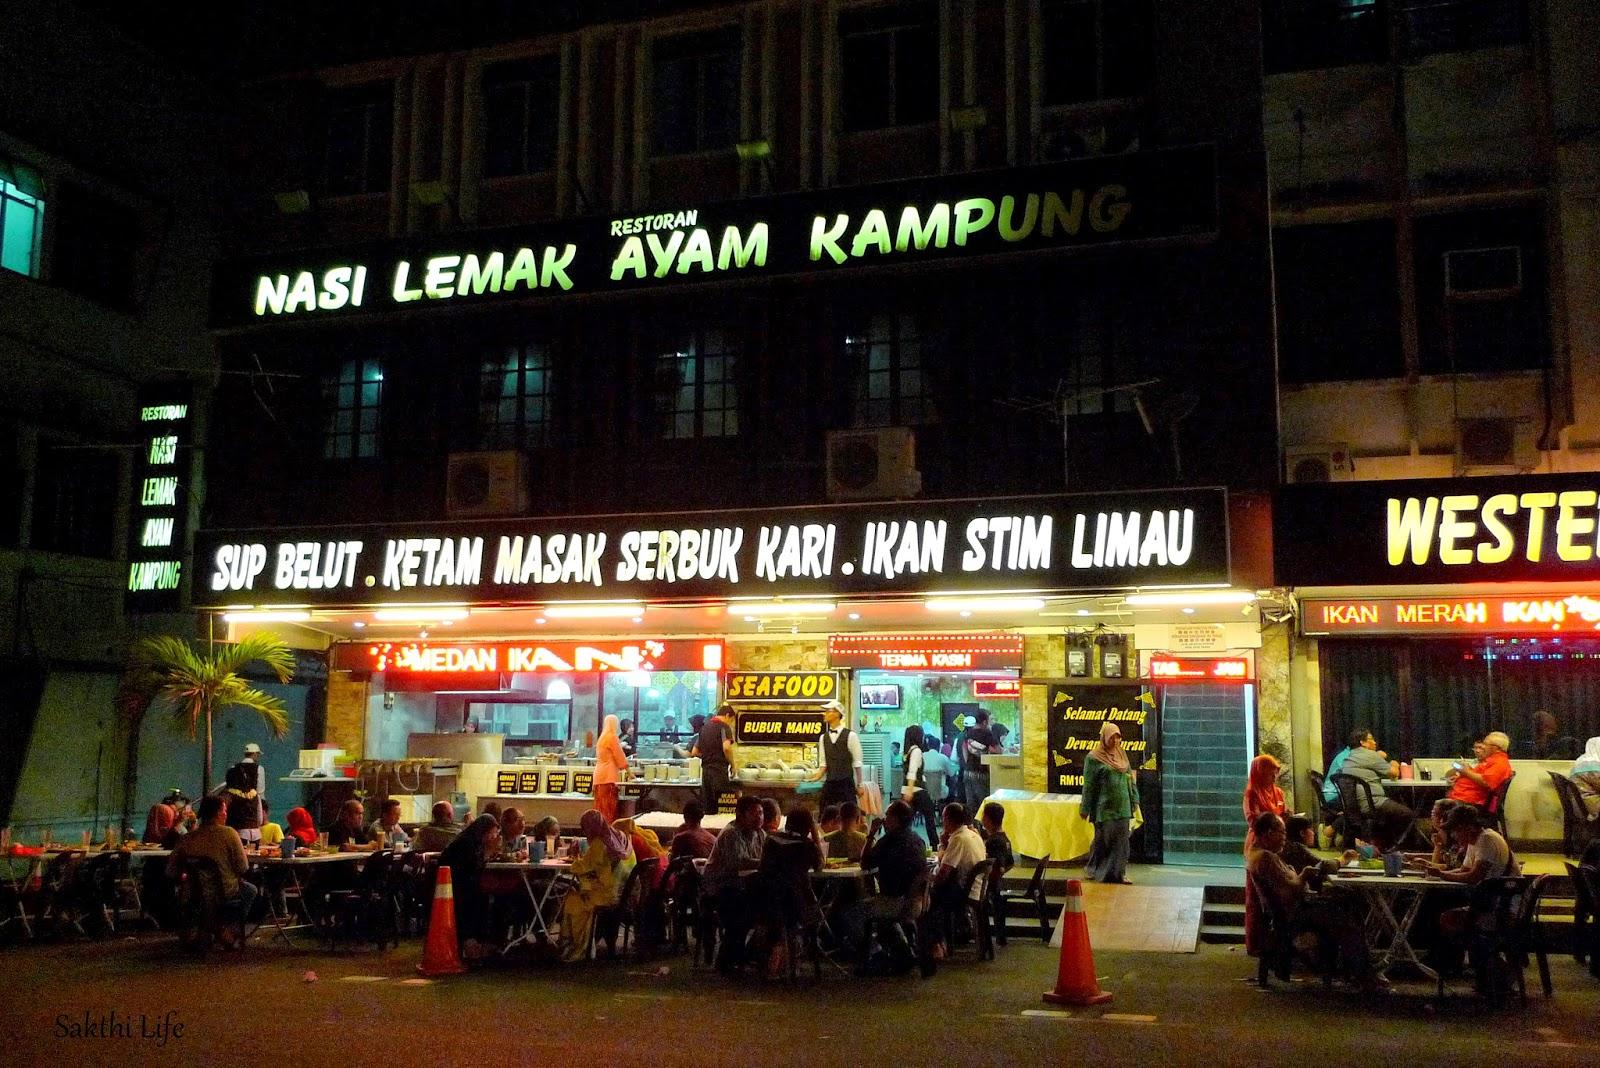 Nasi Lemak Ayam Kampung @ Ipoh